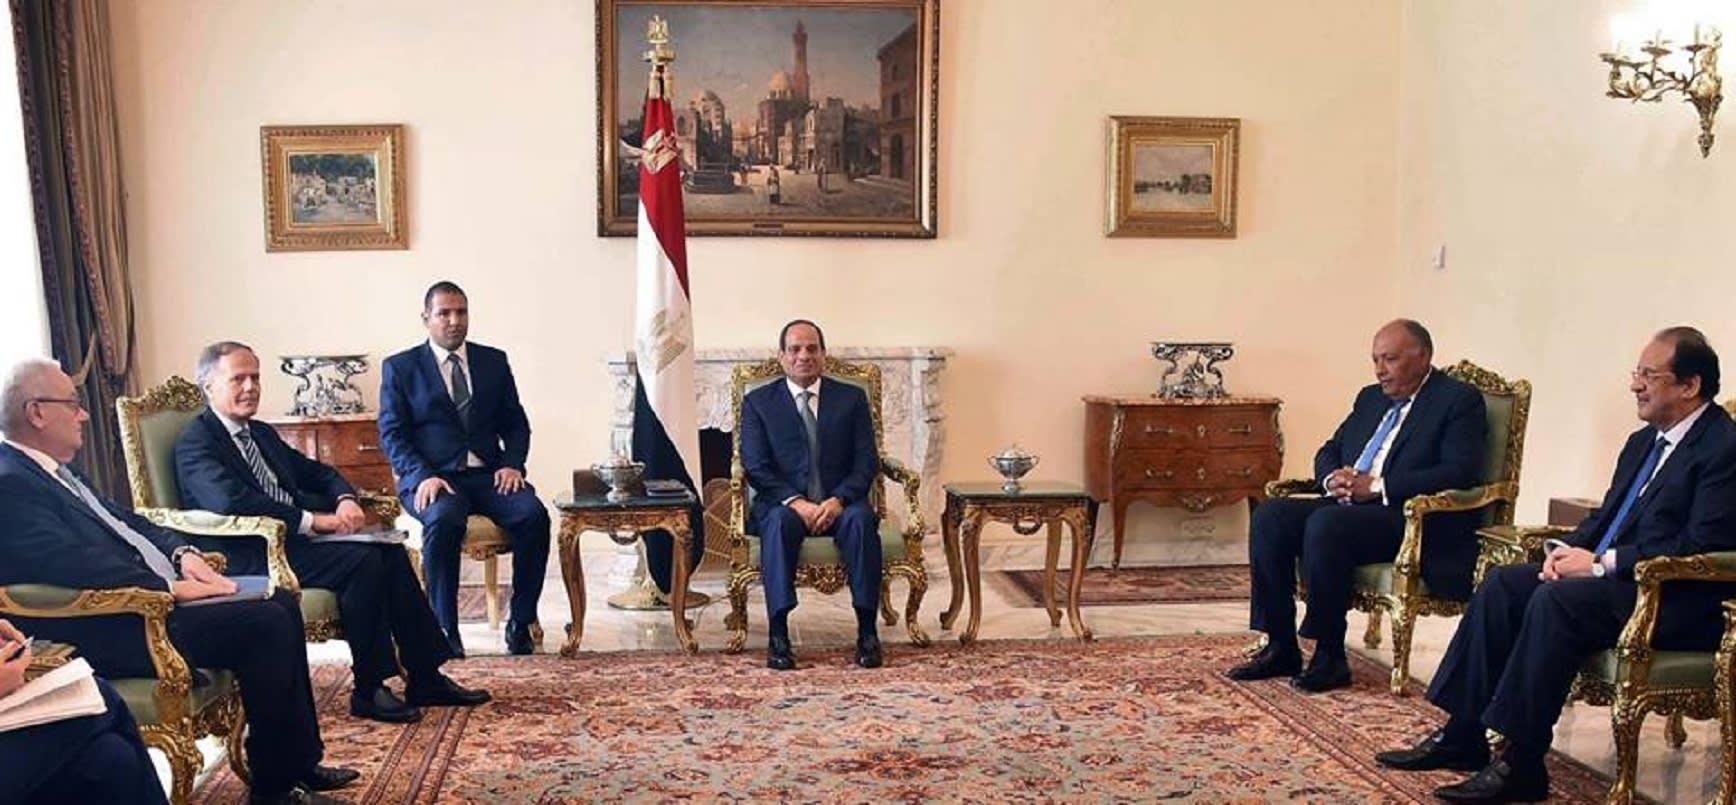 5 ملفات في لقاء رئيس مصر ووزير خارجية إيطاليا.. ماذا قال السيسي عن ريجيني؟